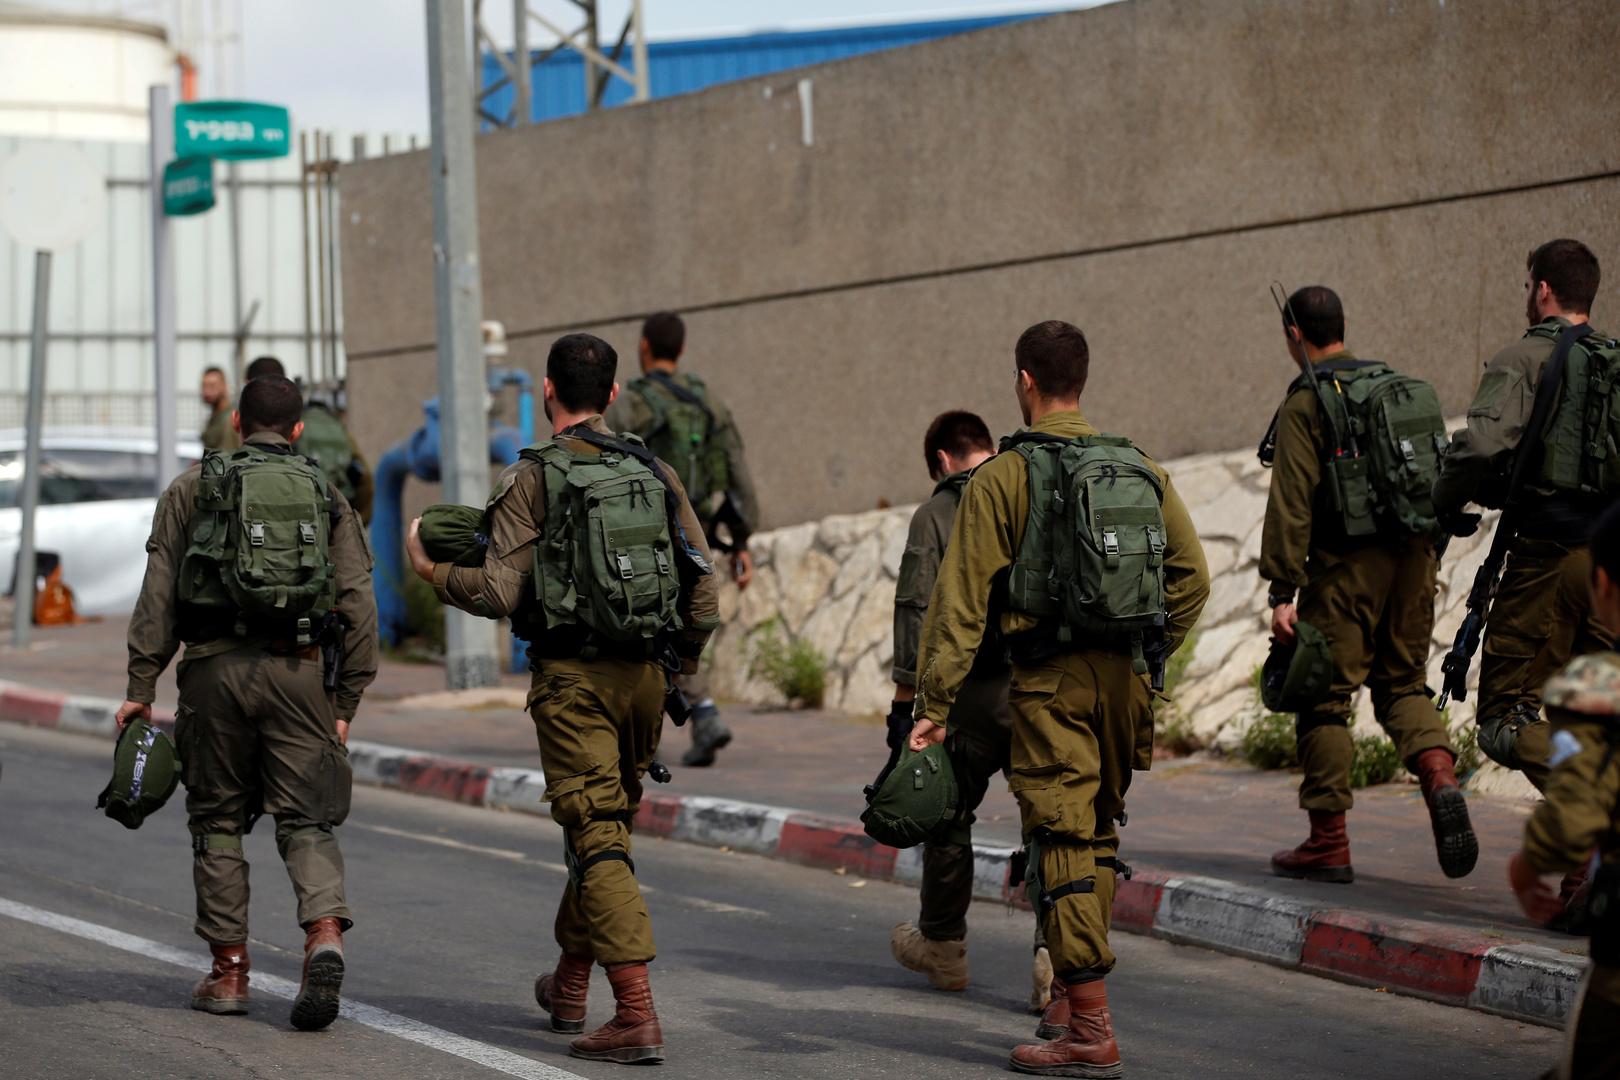 تفاصيل مثيرة عن فرار الأسرى الفلسطينيين والجيش يستدعي 4 سرايا لملاحقتهم